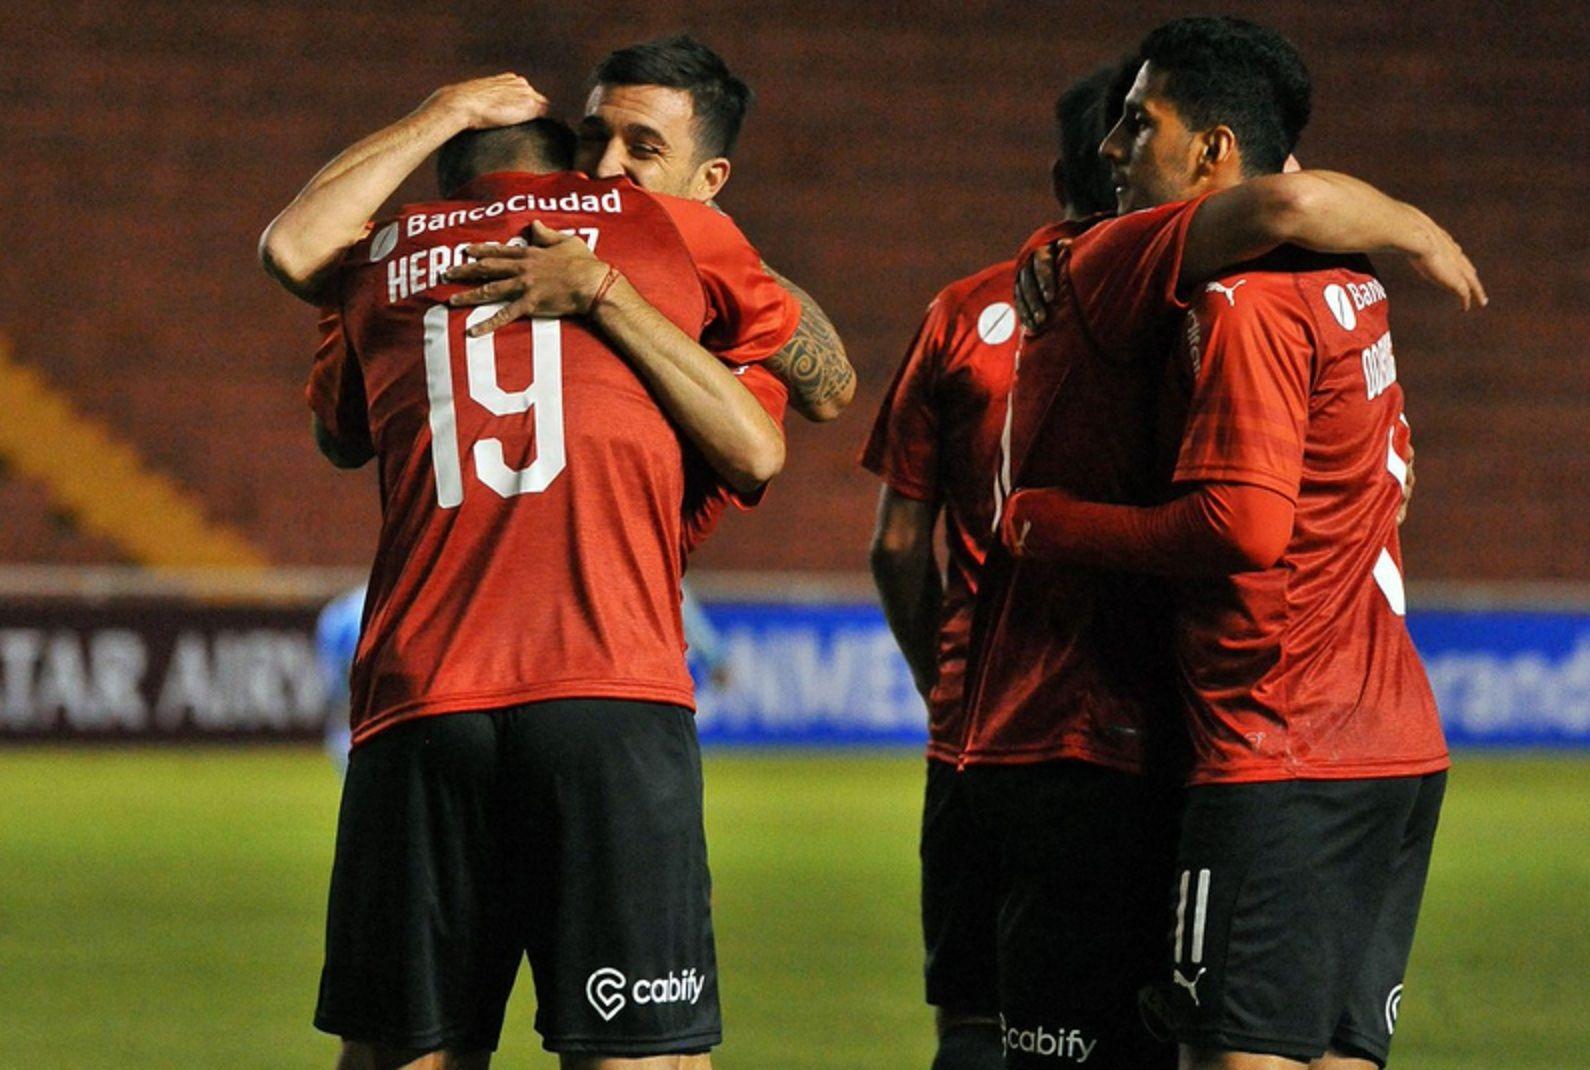 Independiente le ganó a Binacional en Perú por la Copa Sudamericana